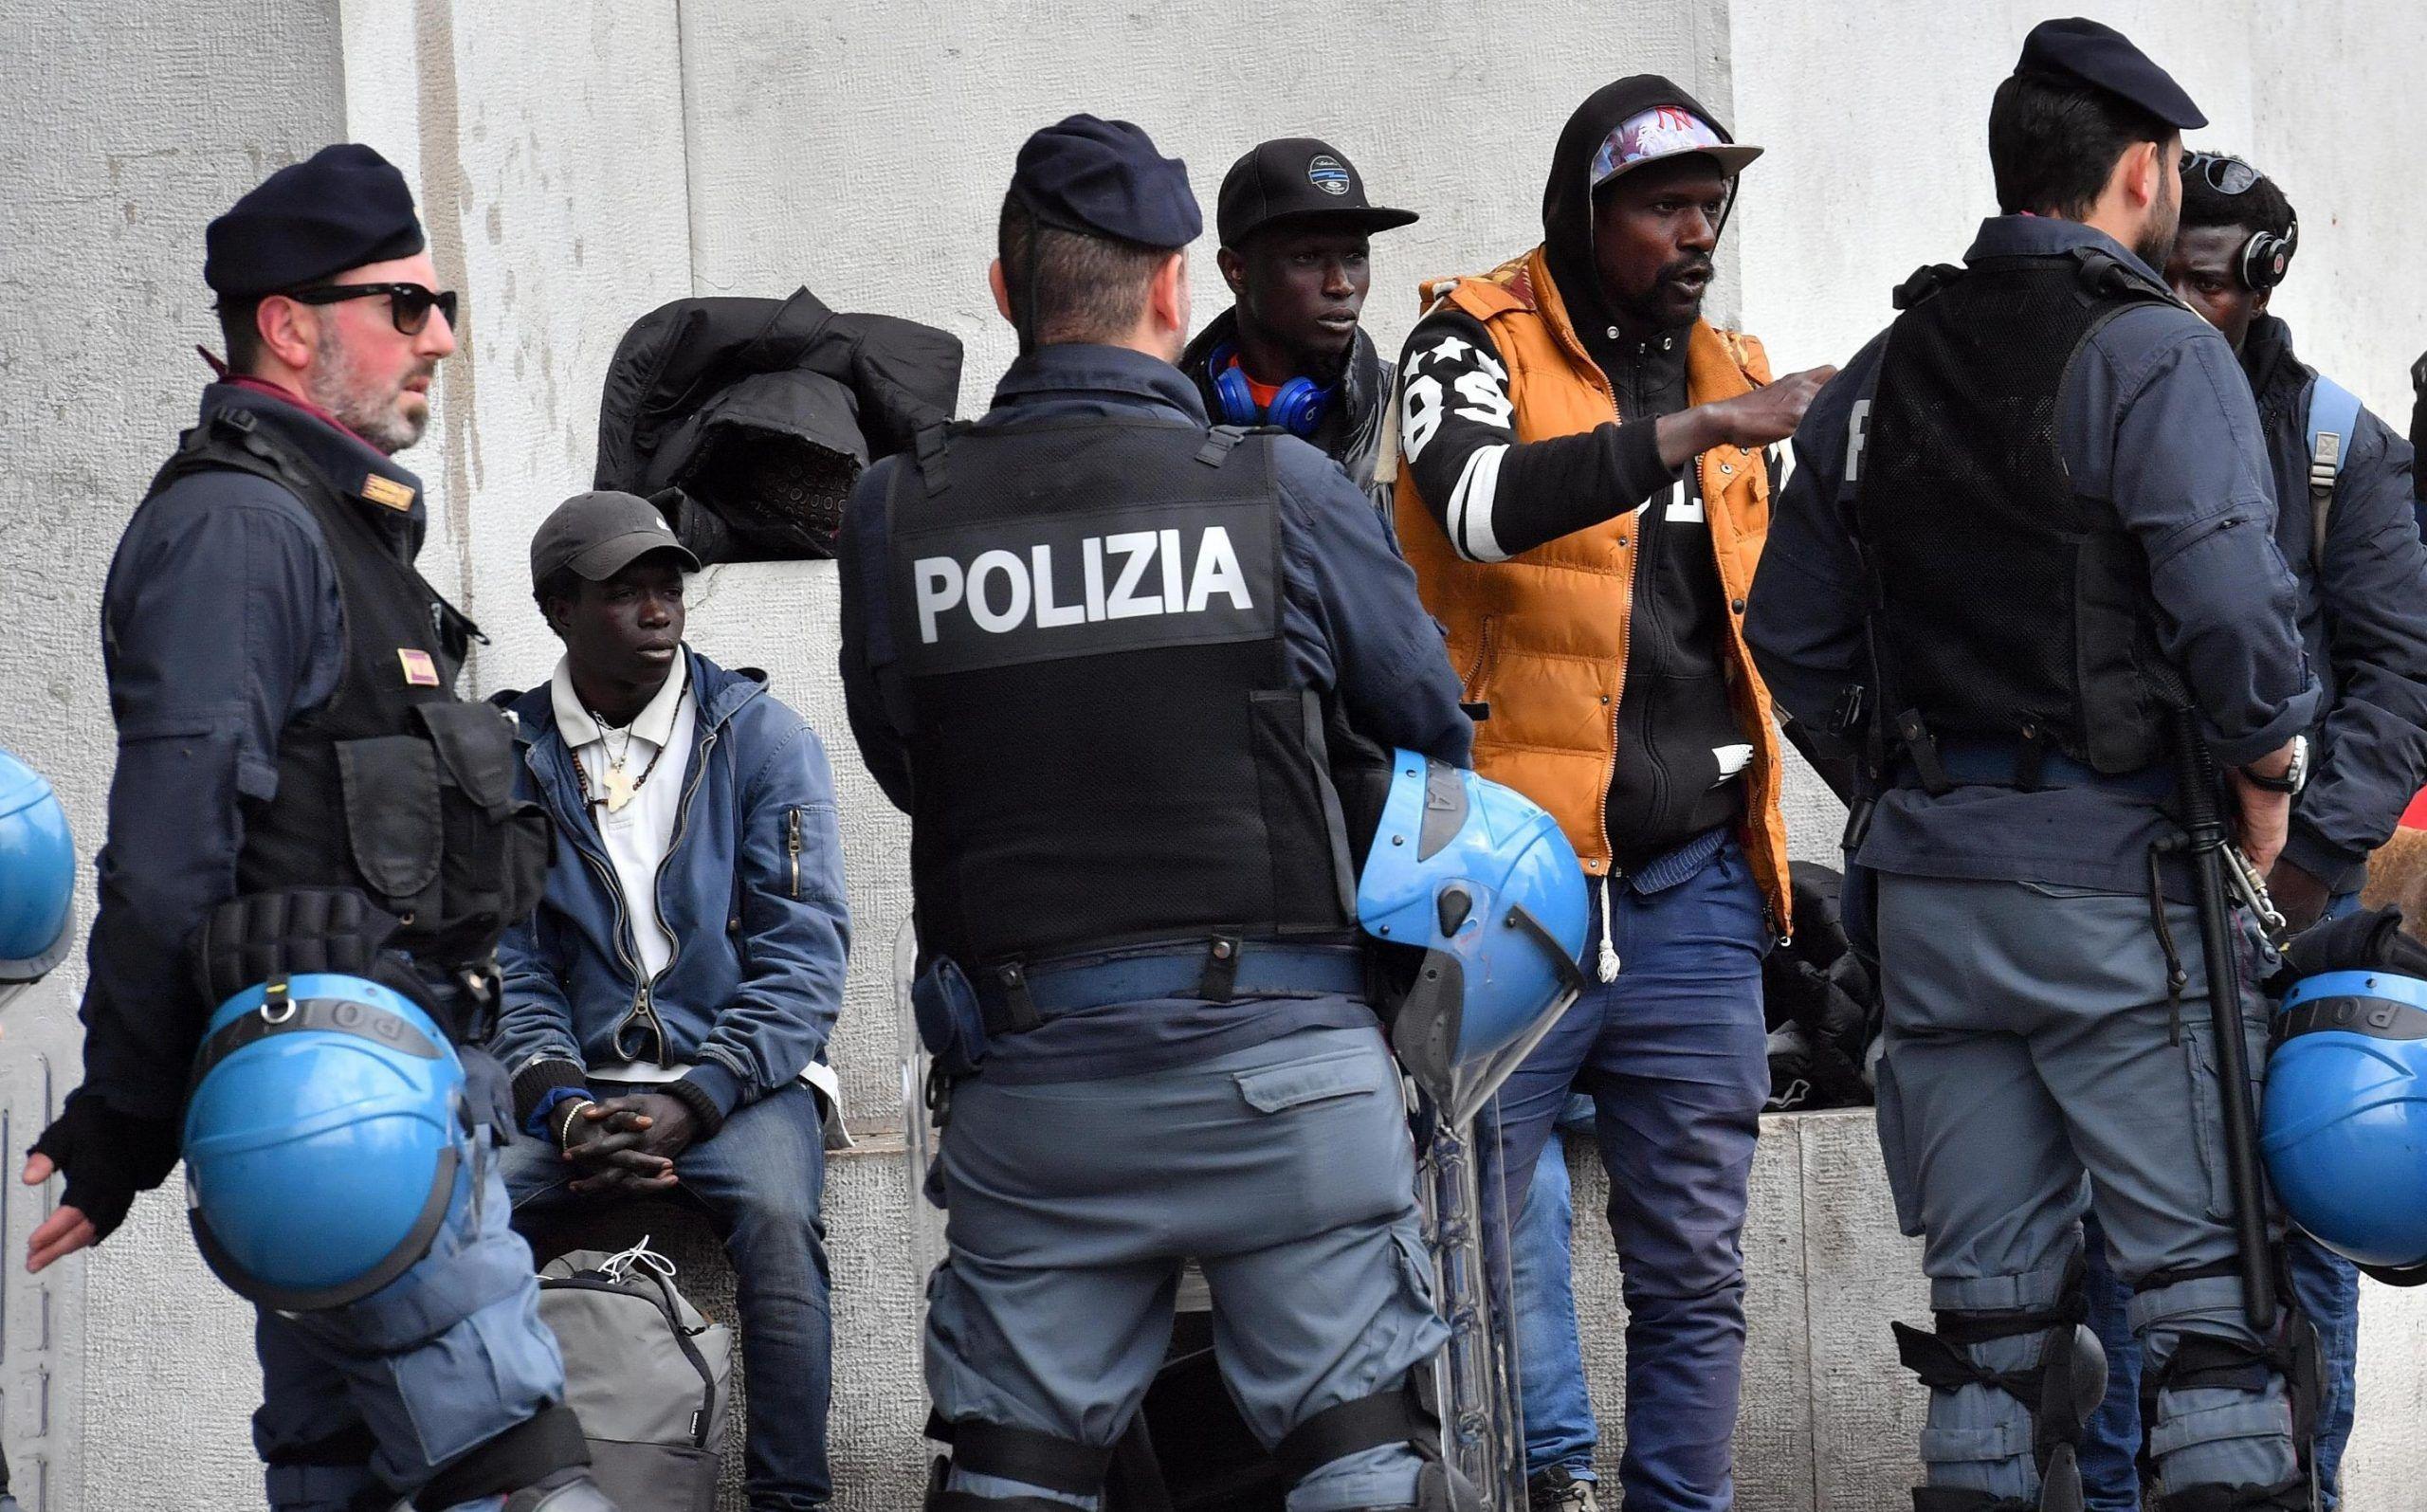 Sicurezza: controlli alla Stazione centrale di Milano